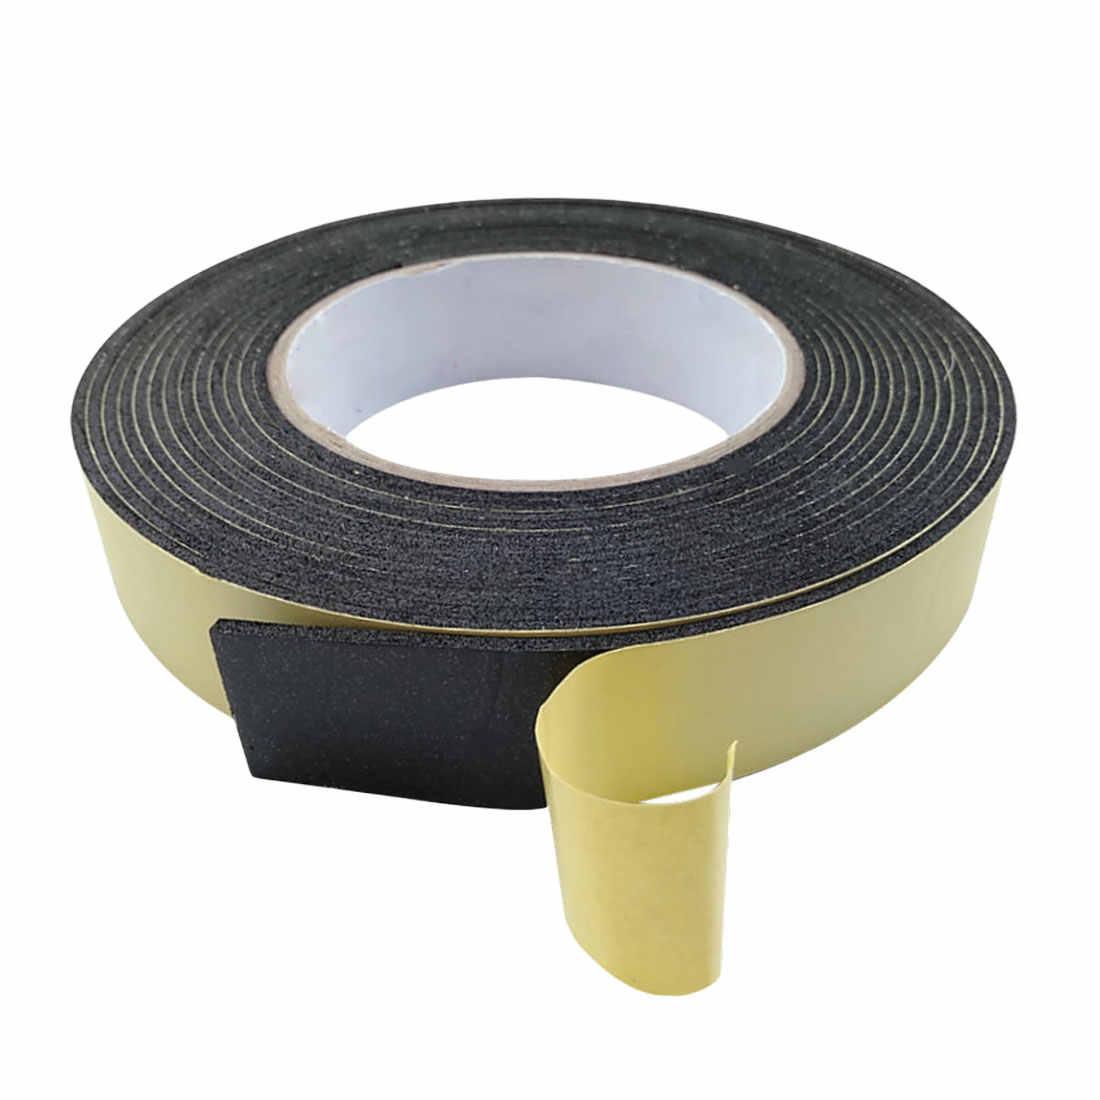 5m * 10mm * 2mm/3mm taśma jednostronna wodoodporny pogoda do zdejmowania izolacji z pianki guma gąbczasta paski do okna uszczelka do drzwi